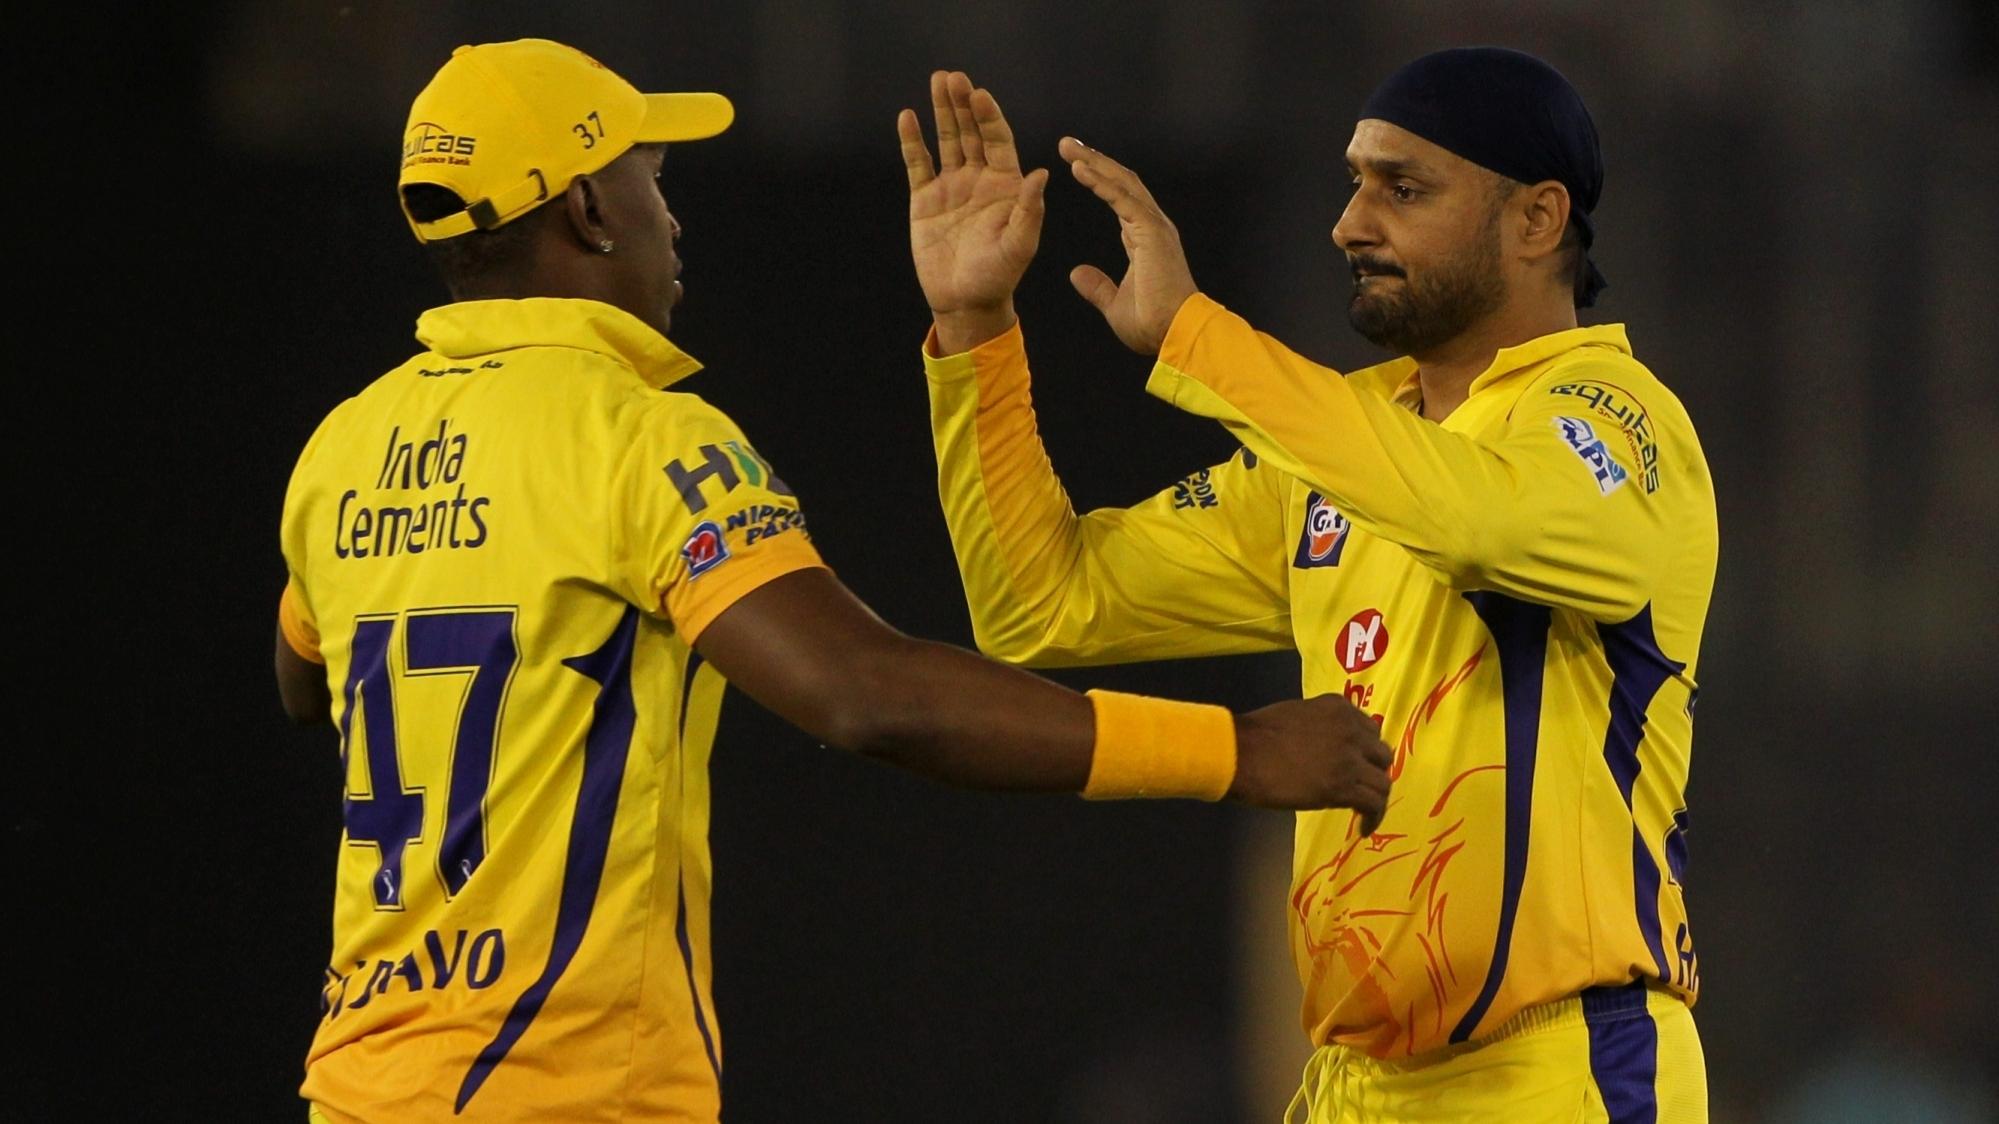 IPL 2018 : हरभजन सिंह ने एमआई से मिली हार के बाद प्रशंसकों से किया ये वादा